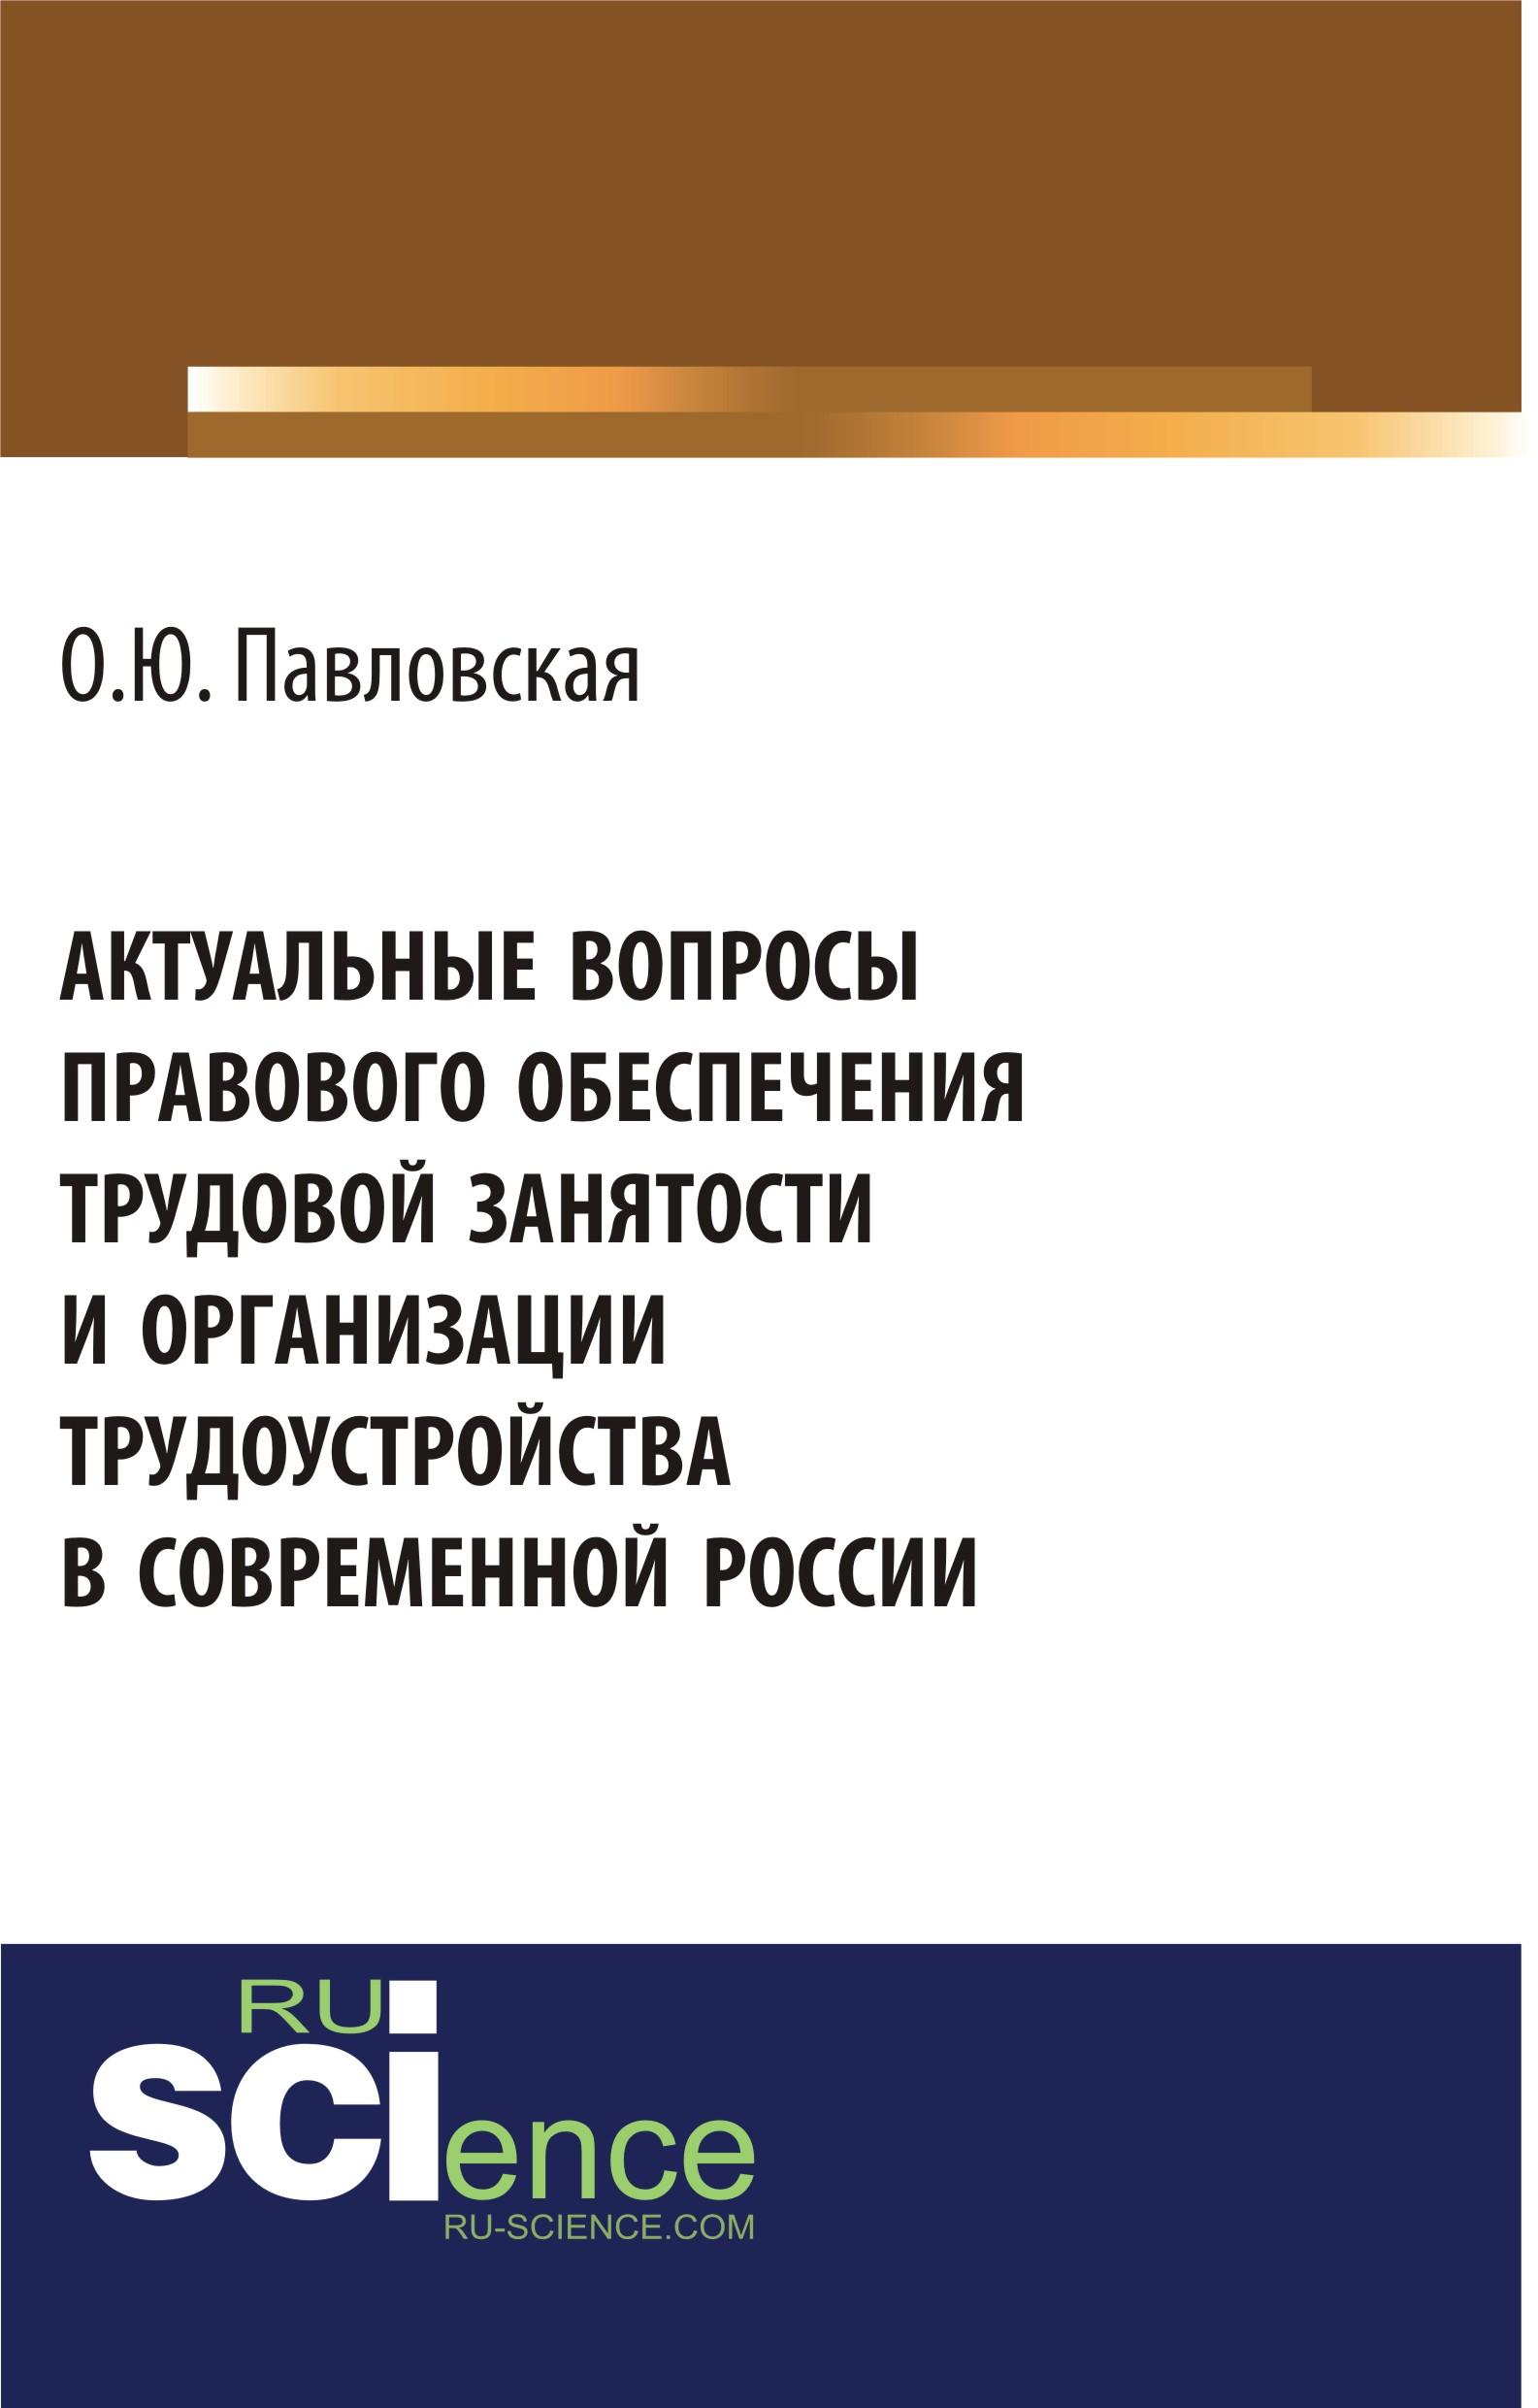 Актуальные вопросы правового обеспечения трудовой занятости и организации трудоустройства в современной России